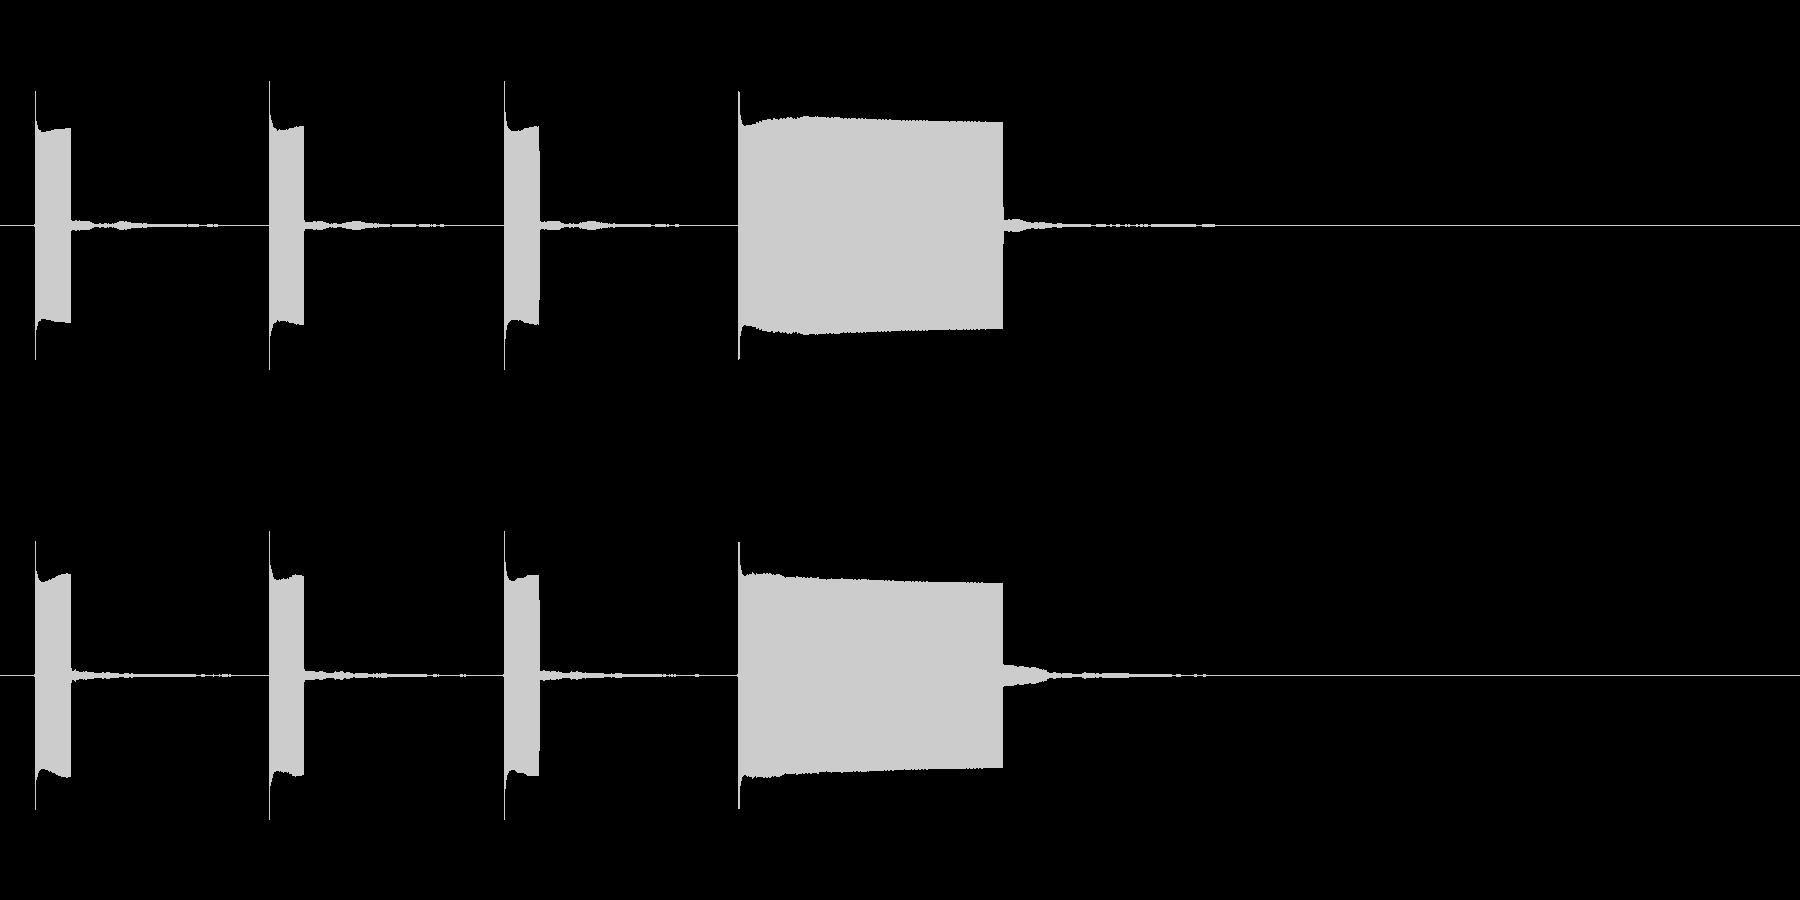 カウントダウン効果音keyCその1の未再生の波形